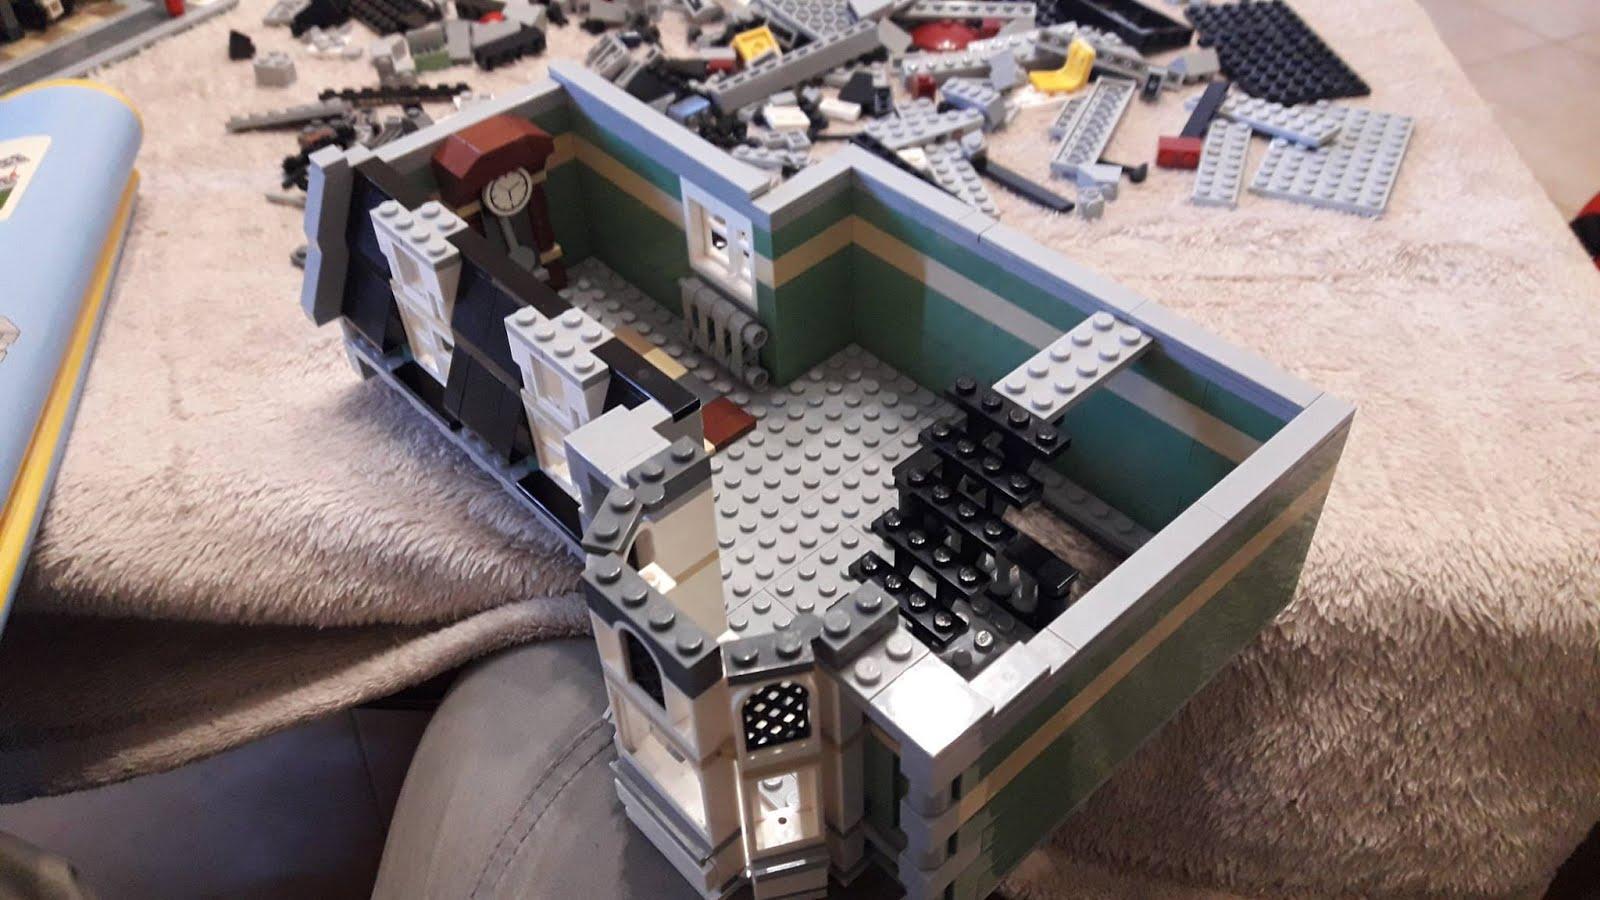 Elder barabba lego e retrogaming un set modulare